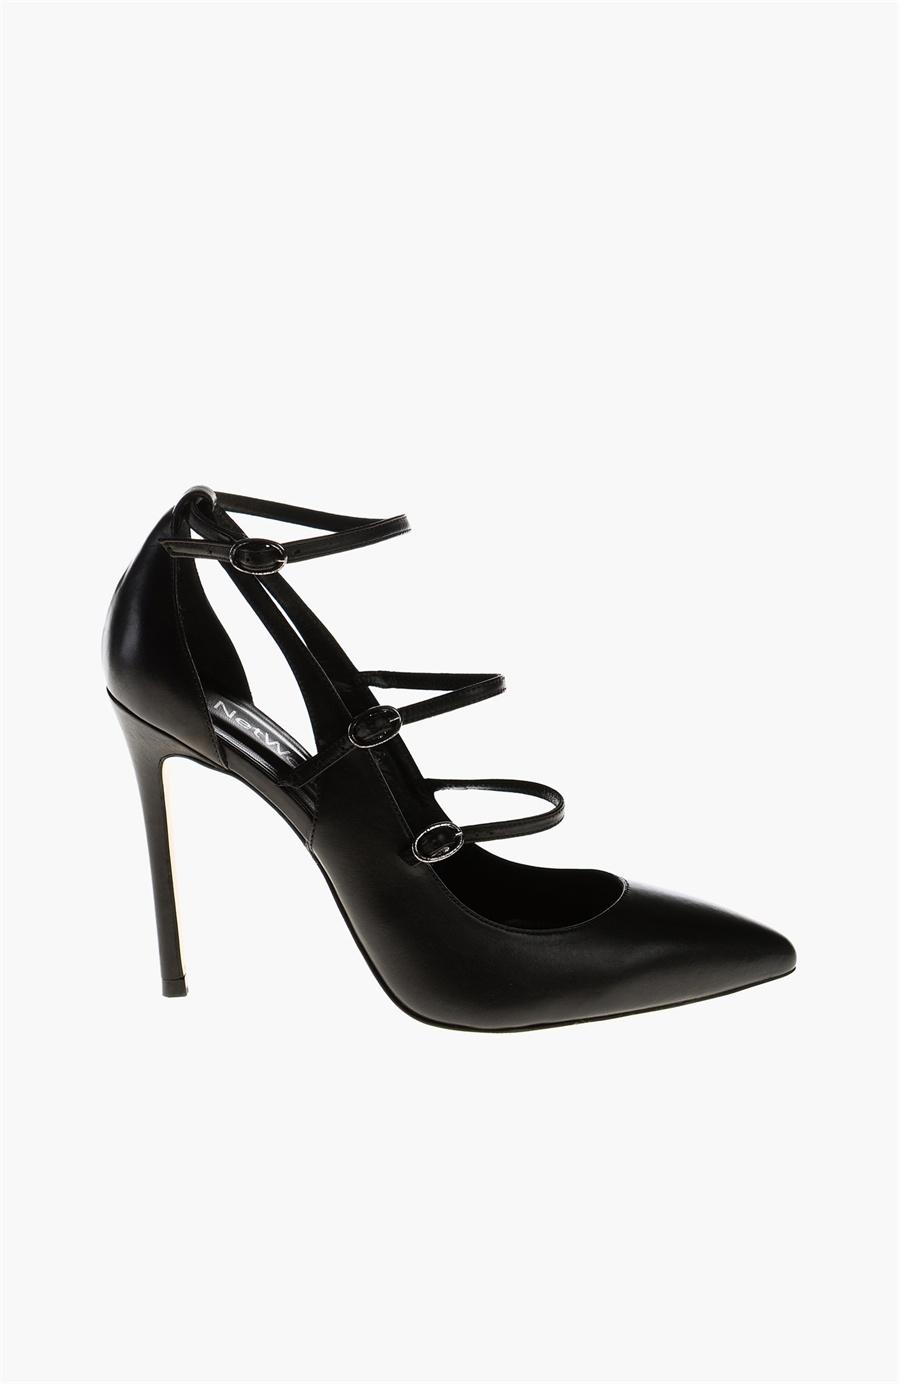 Siyah Topuklu Ayakkabı - Renk Siyah - Network